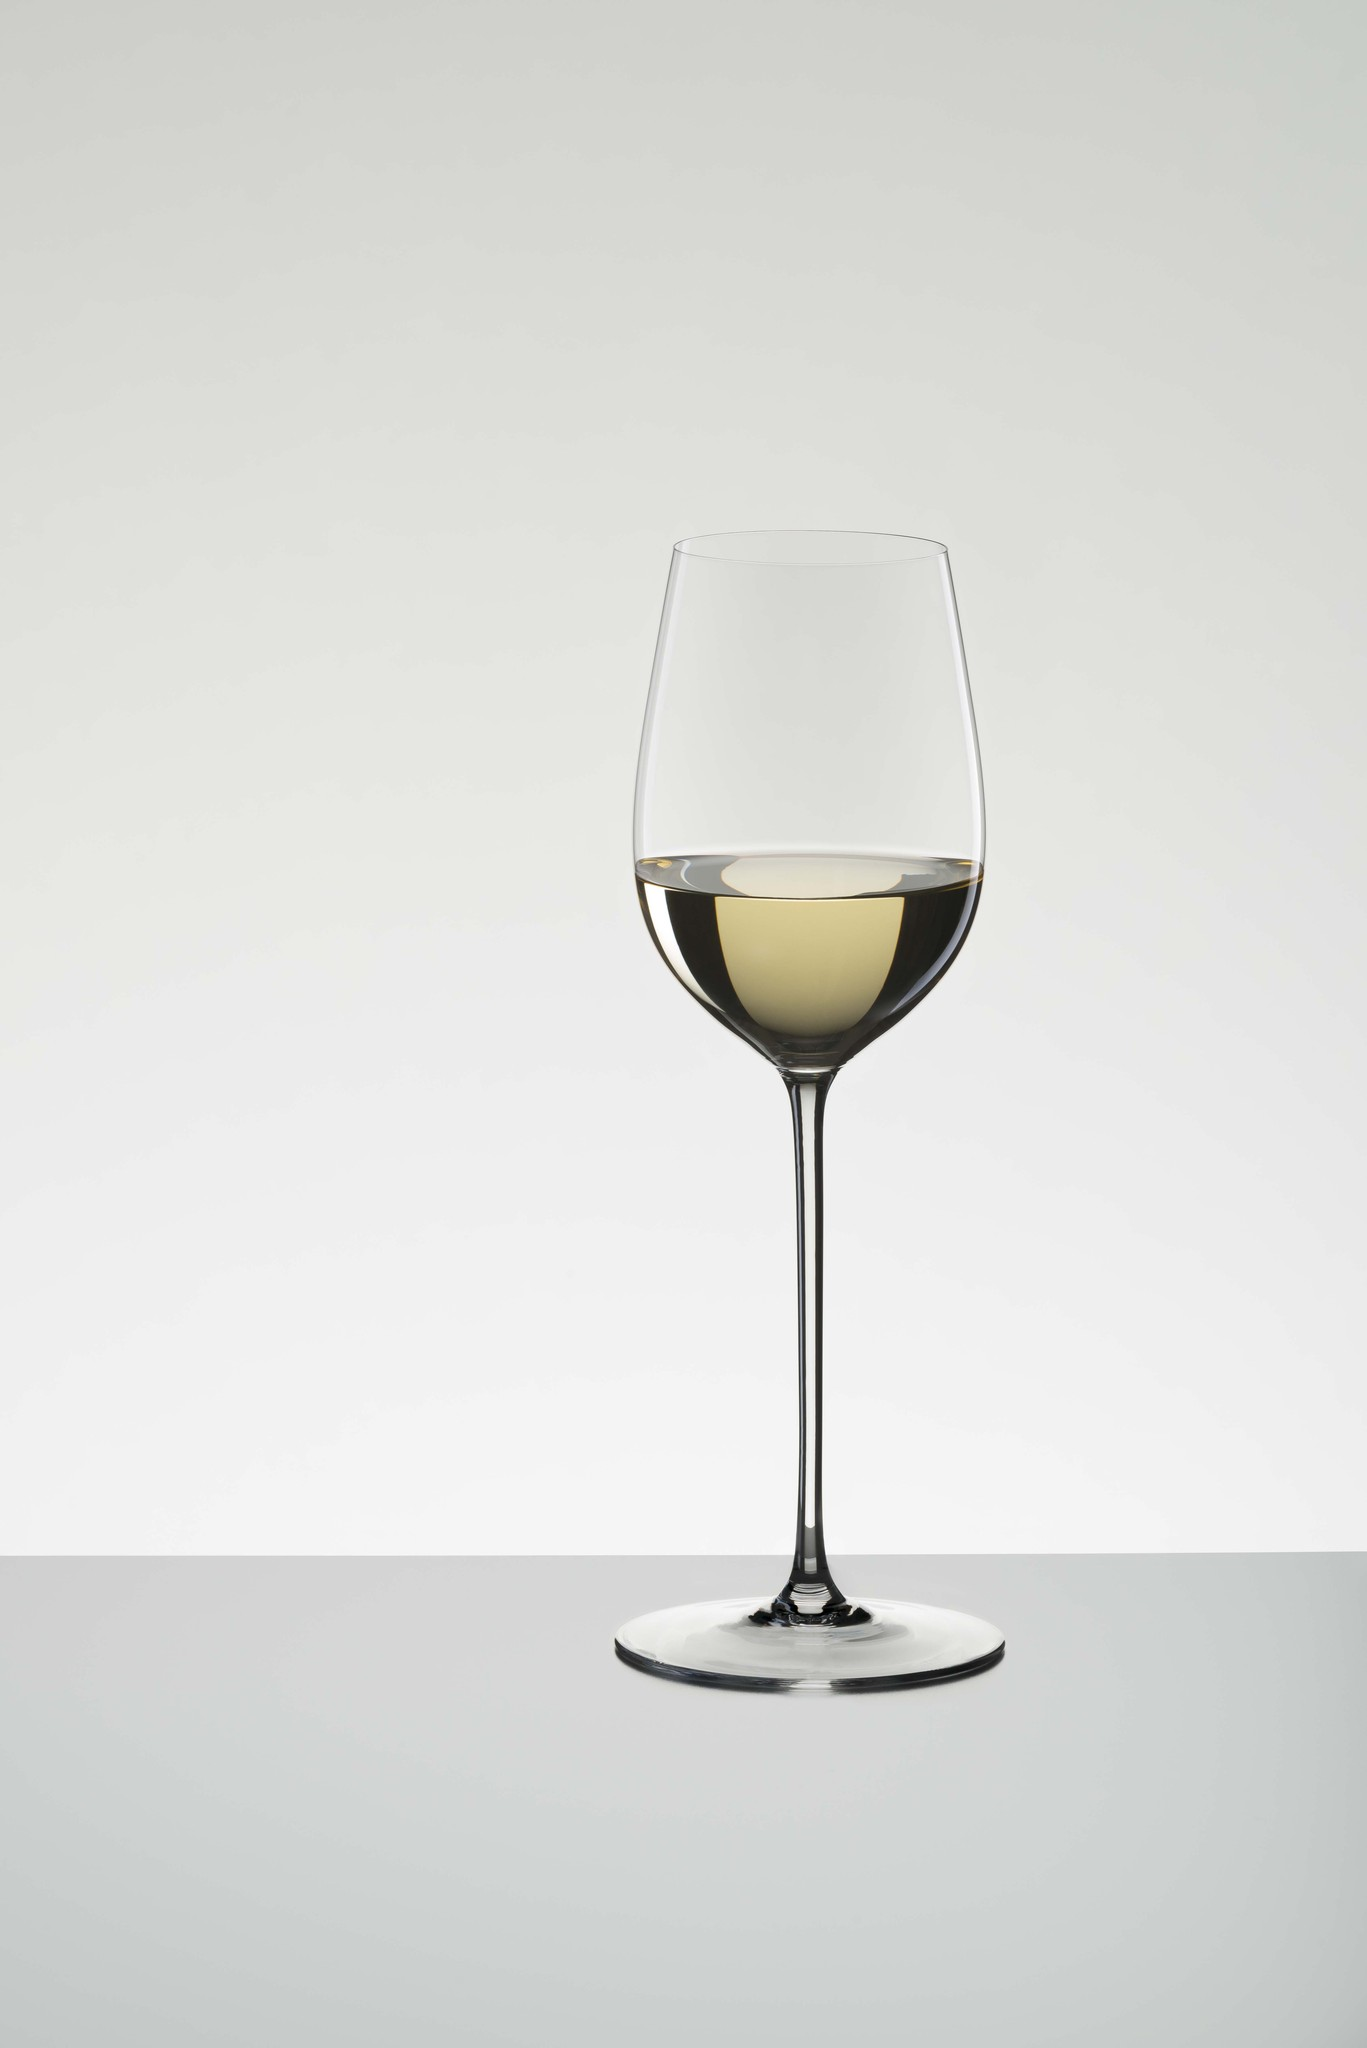 Бокалы Бокал для белого вина 245мл Riedel Superleggero Viognier/Chardonnay bokal-dlya-belogo-vina-245ml-riedel-superleggero-viognierchardonnay-avstriya.jpg